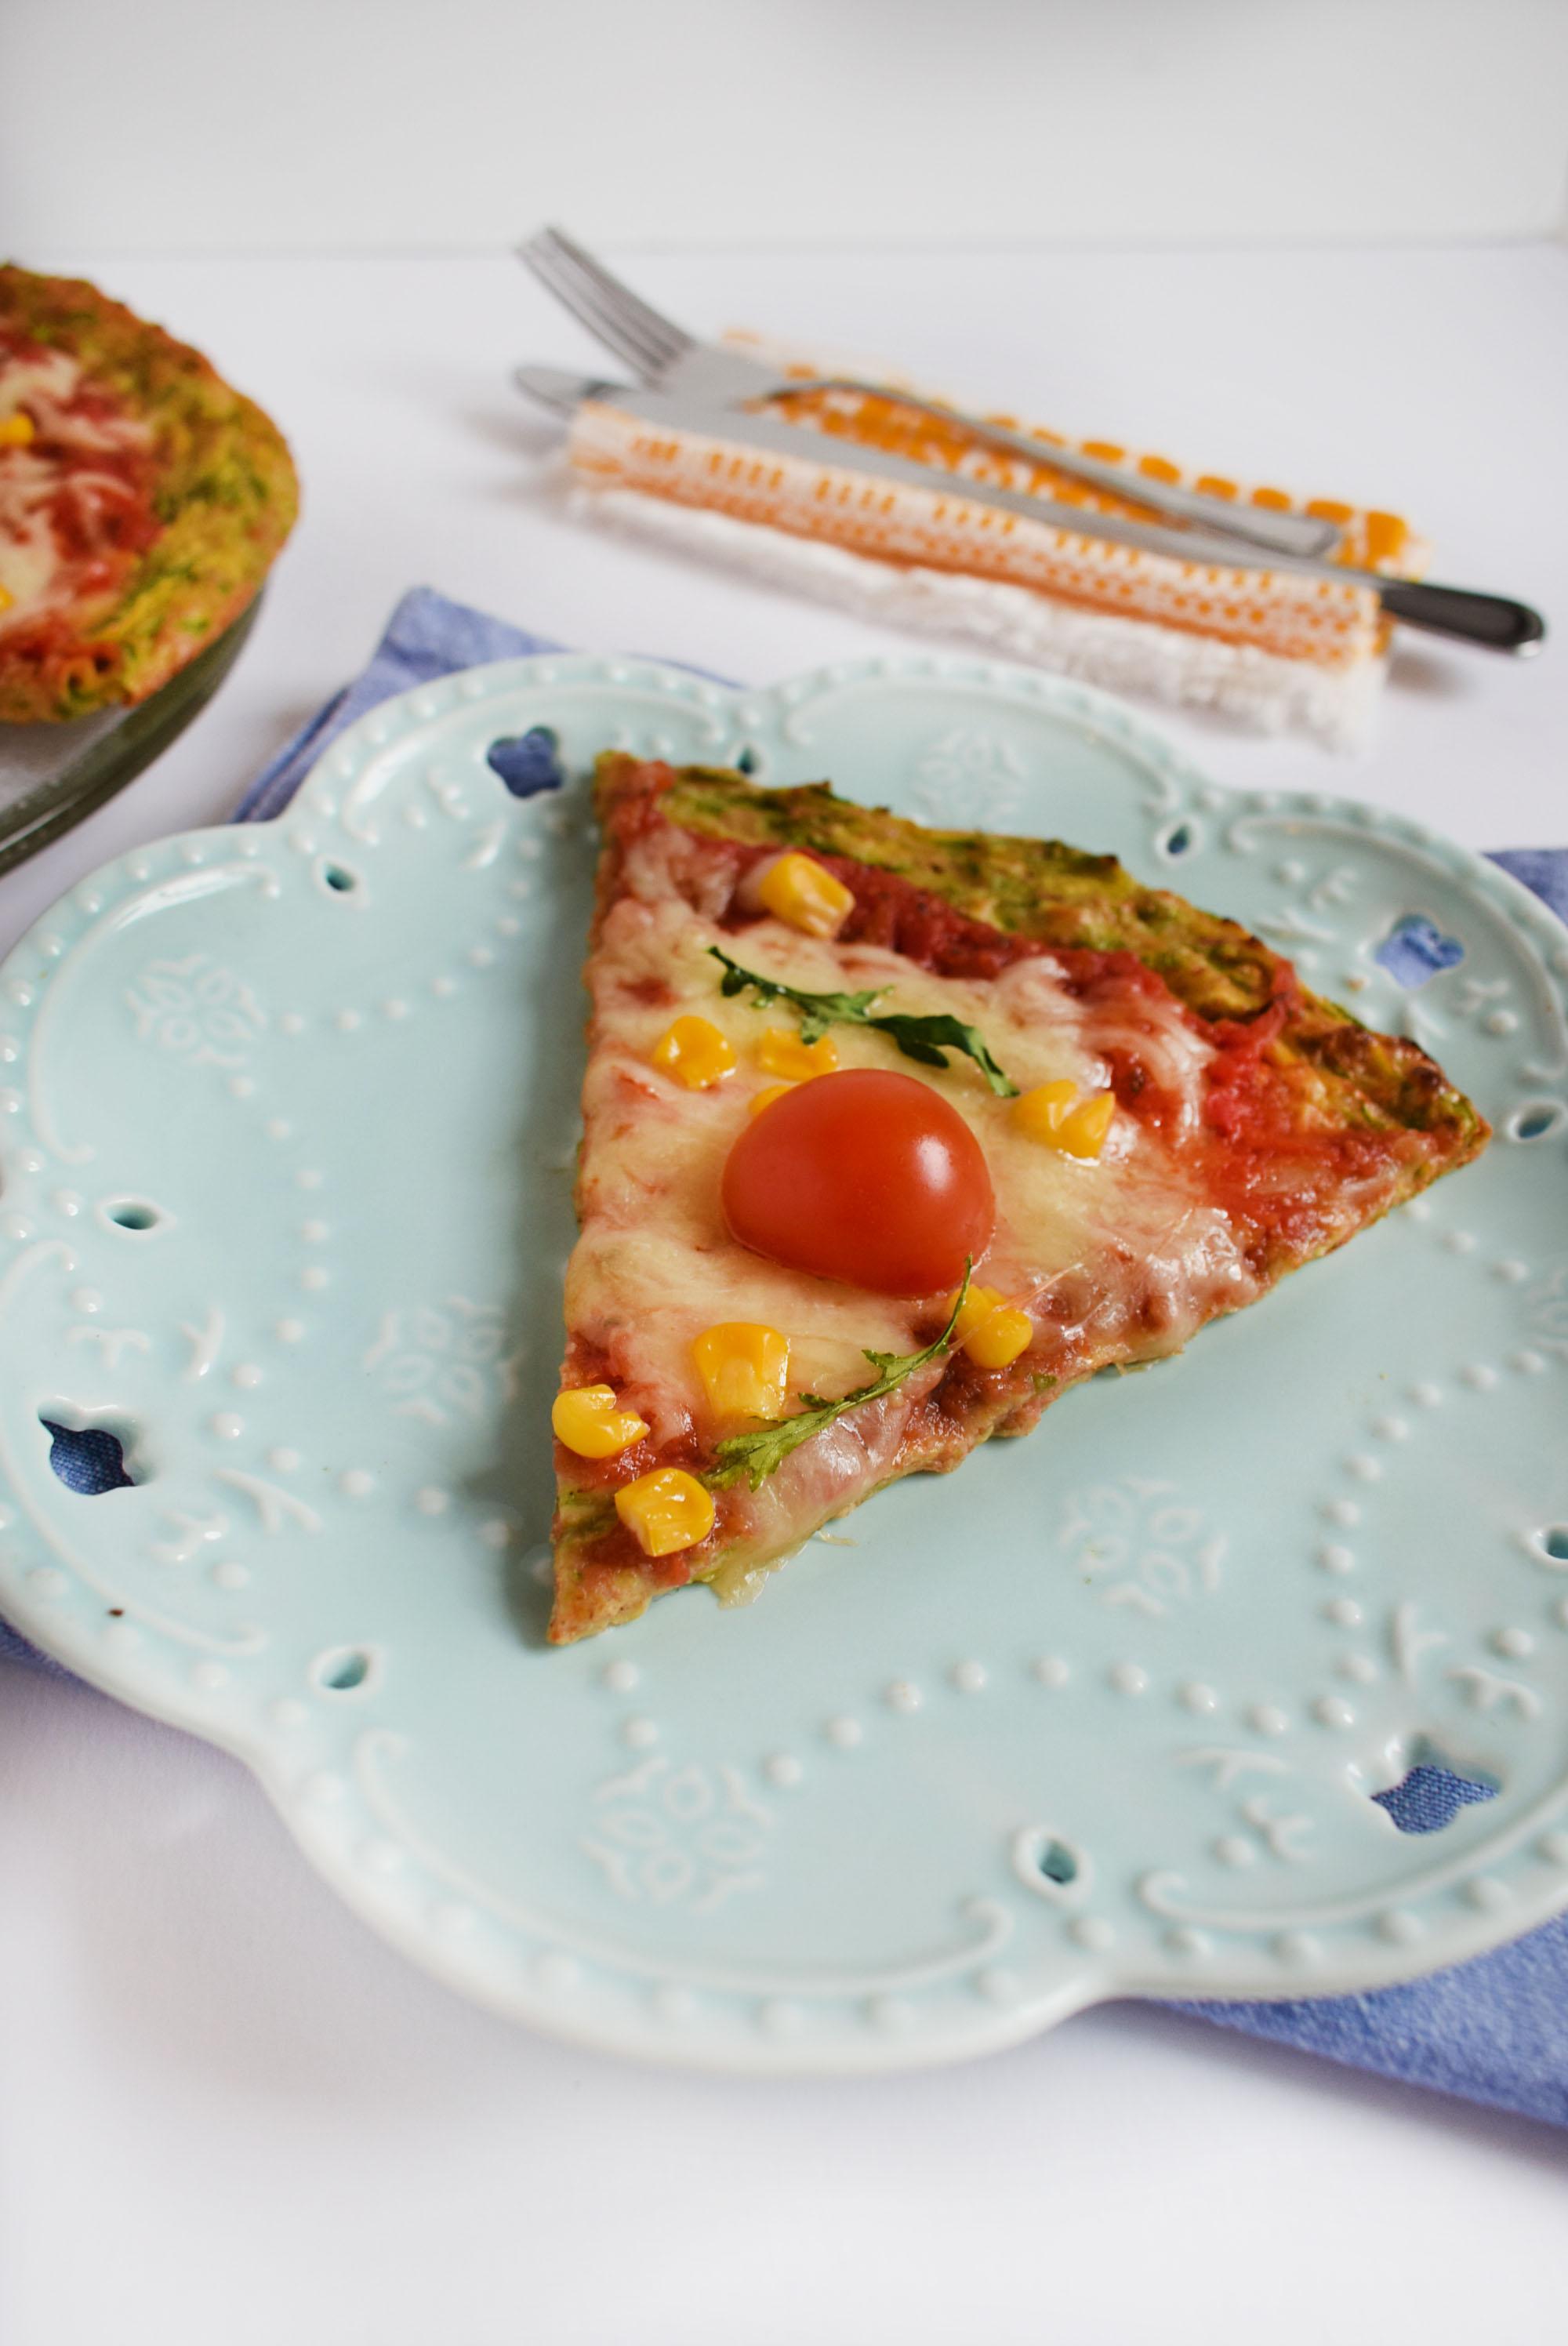 pizza cu crusta de dovlecei 8 - foodieopedia